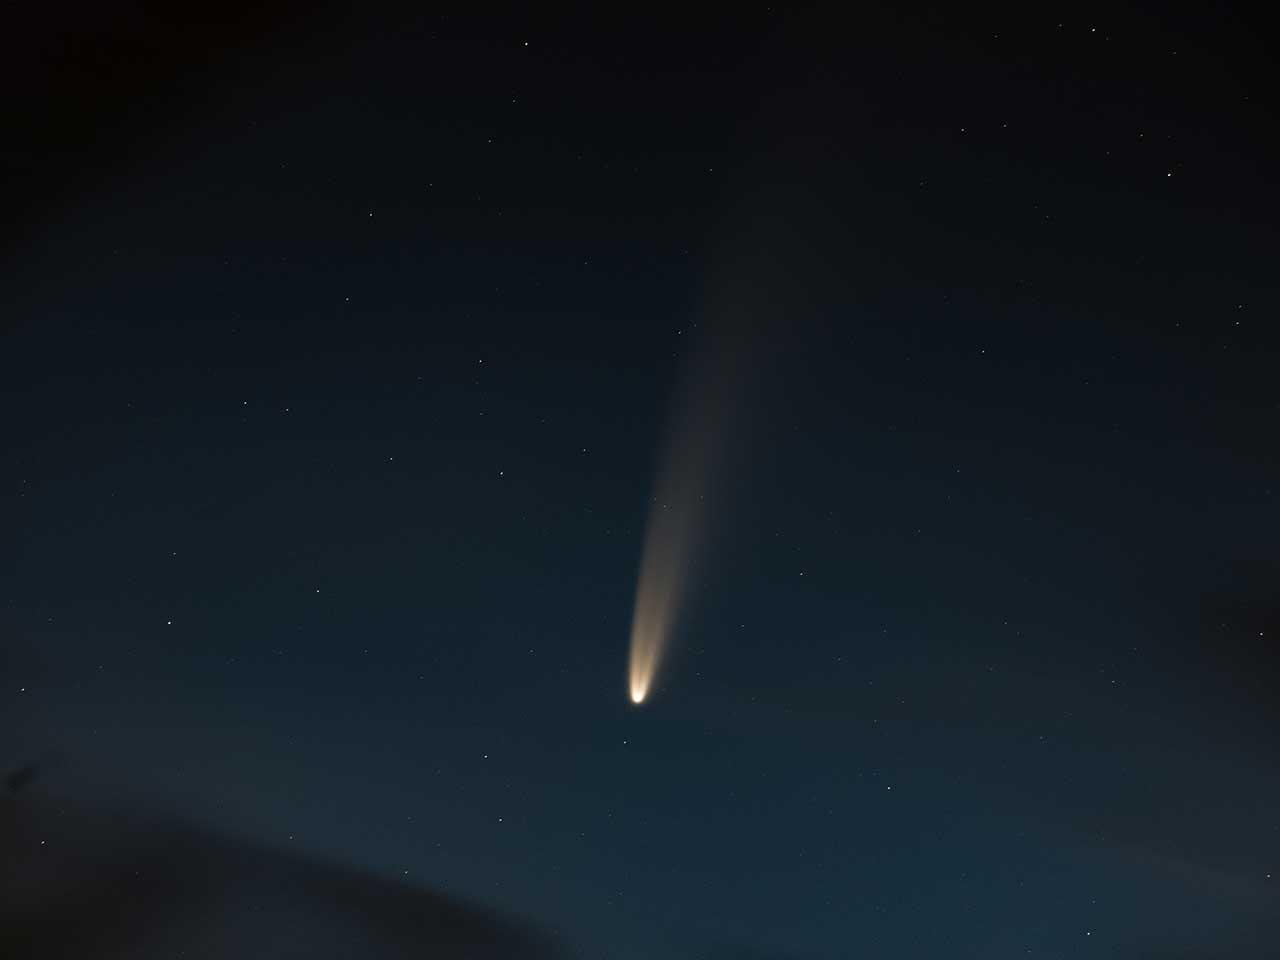 komet-neowise-sichtbarkeit